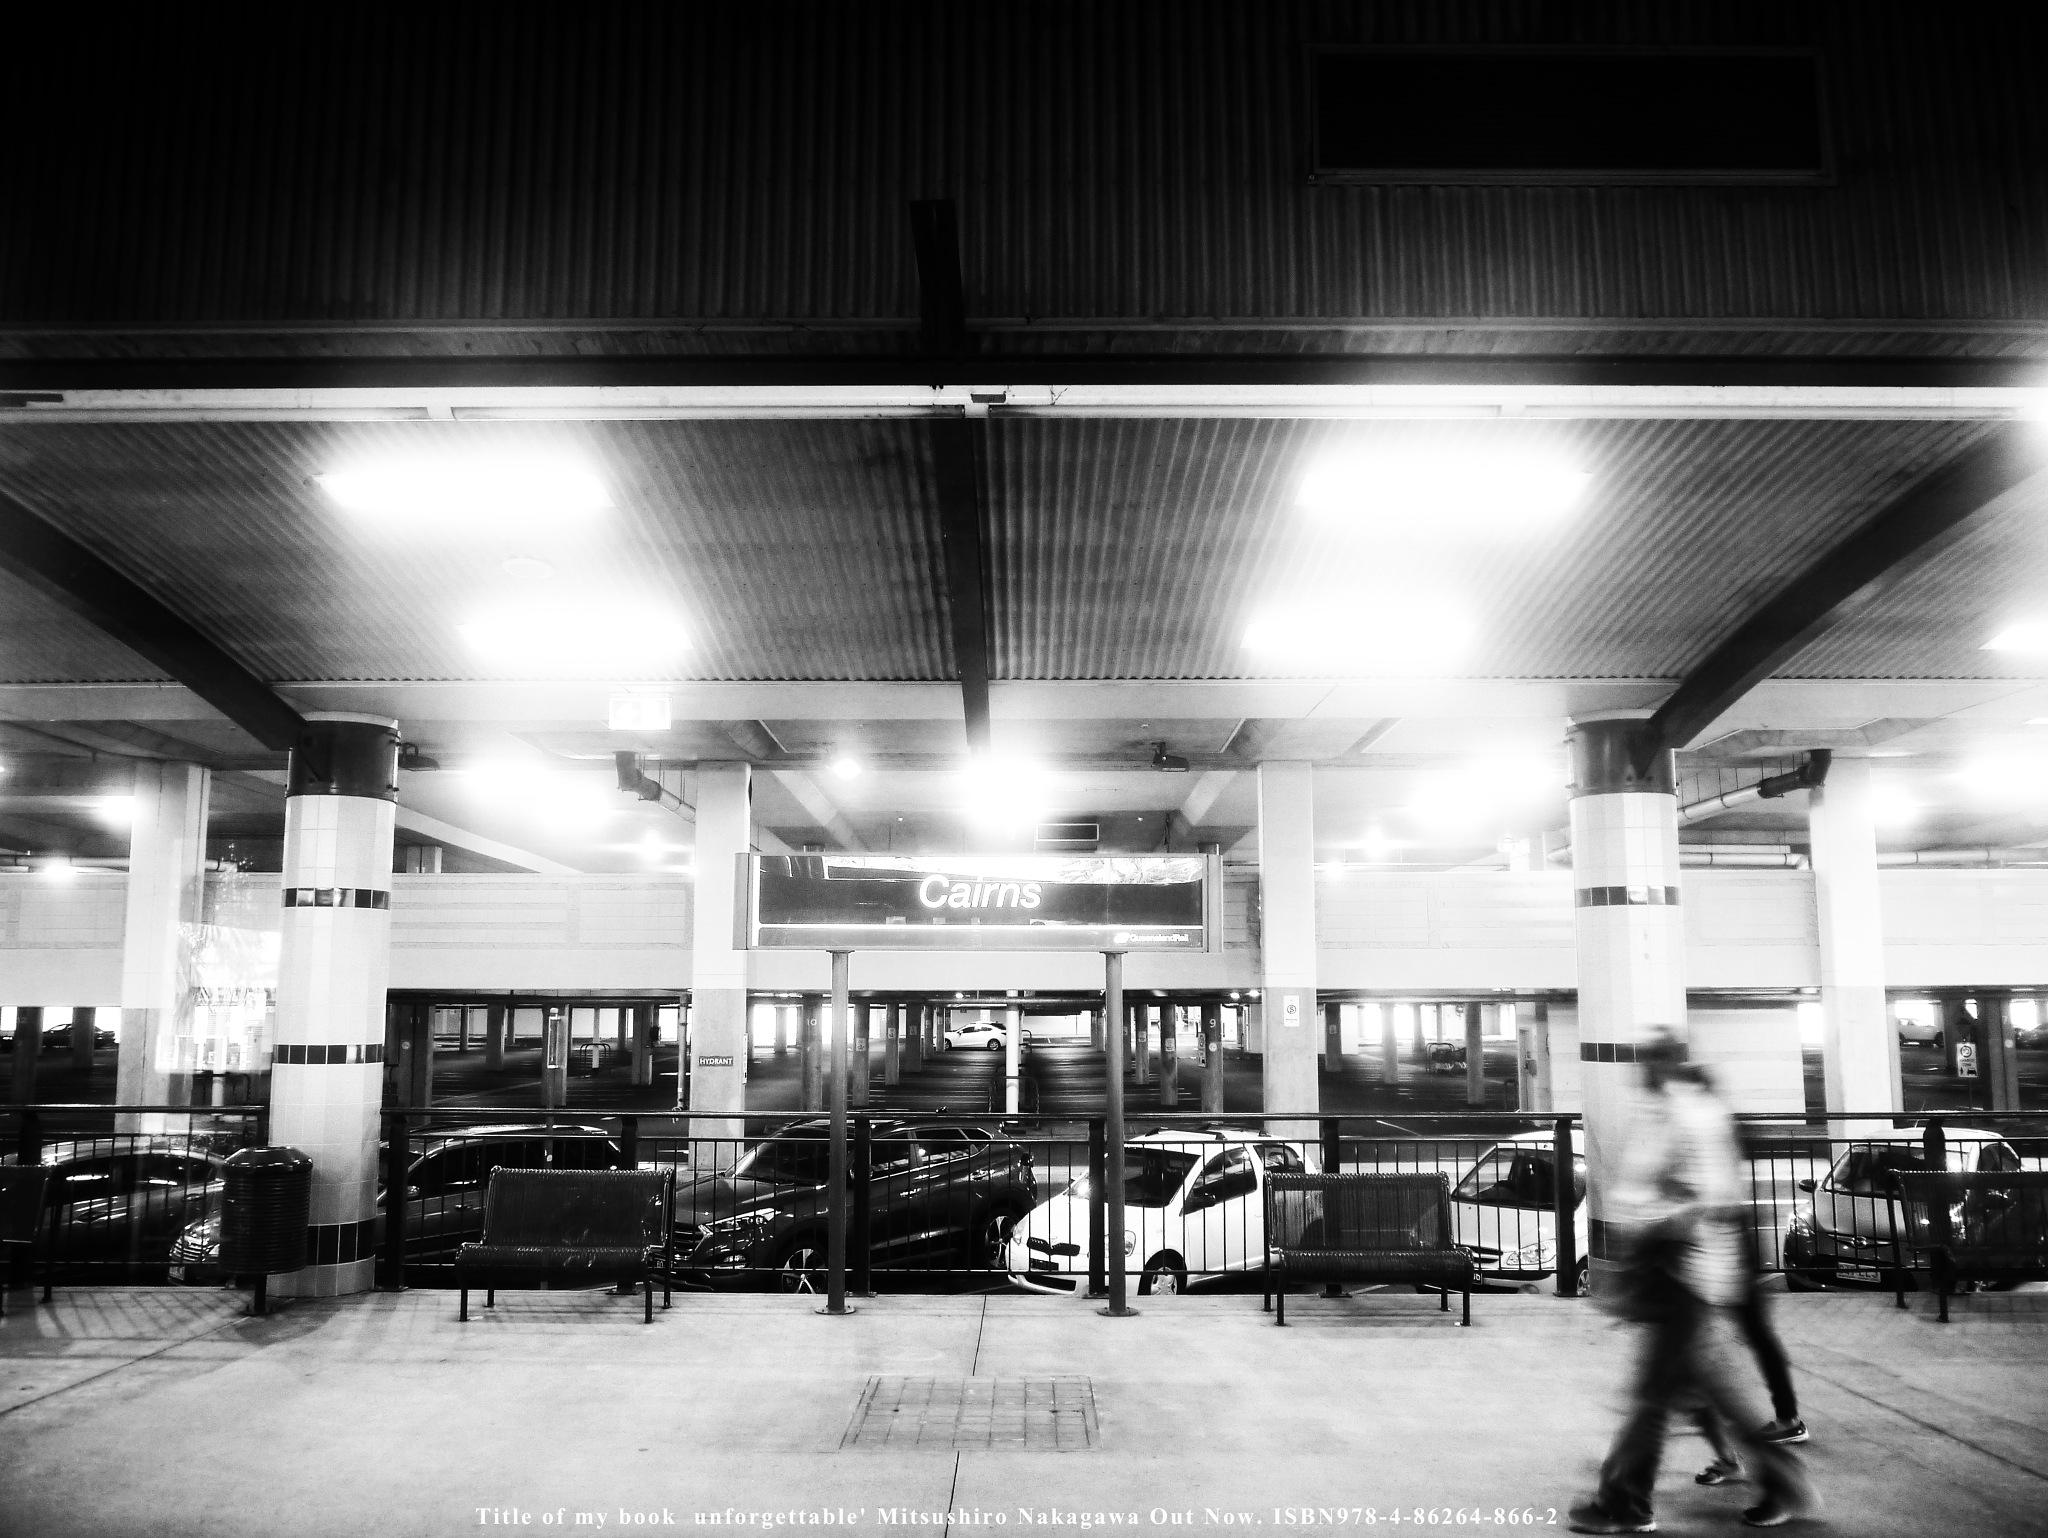 The light of station. (Lumix G3 shot.) by Mitsushiro Nakagawa